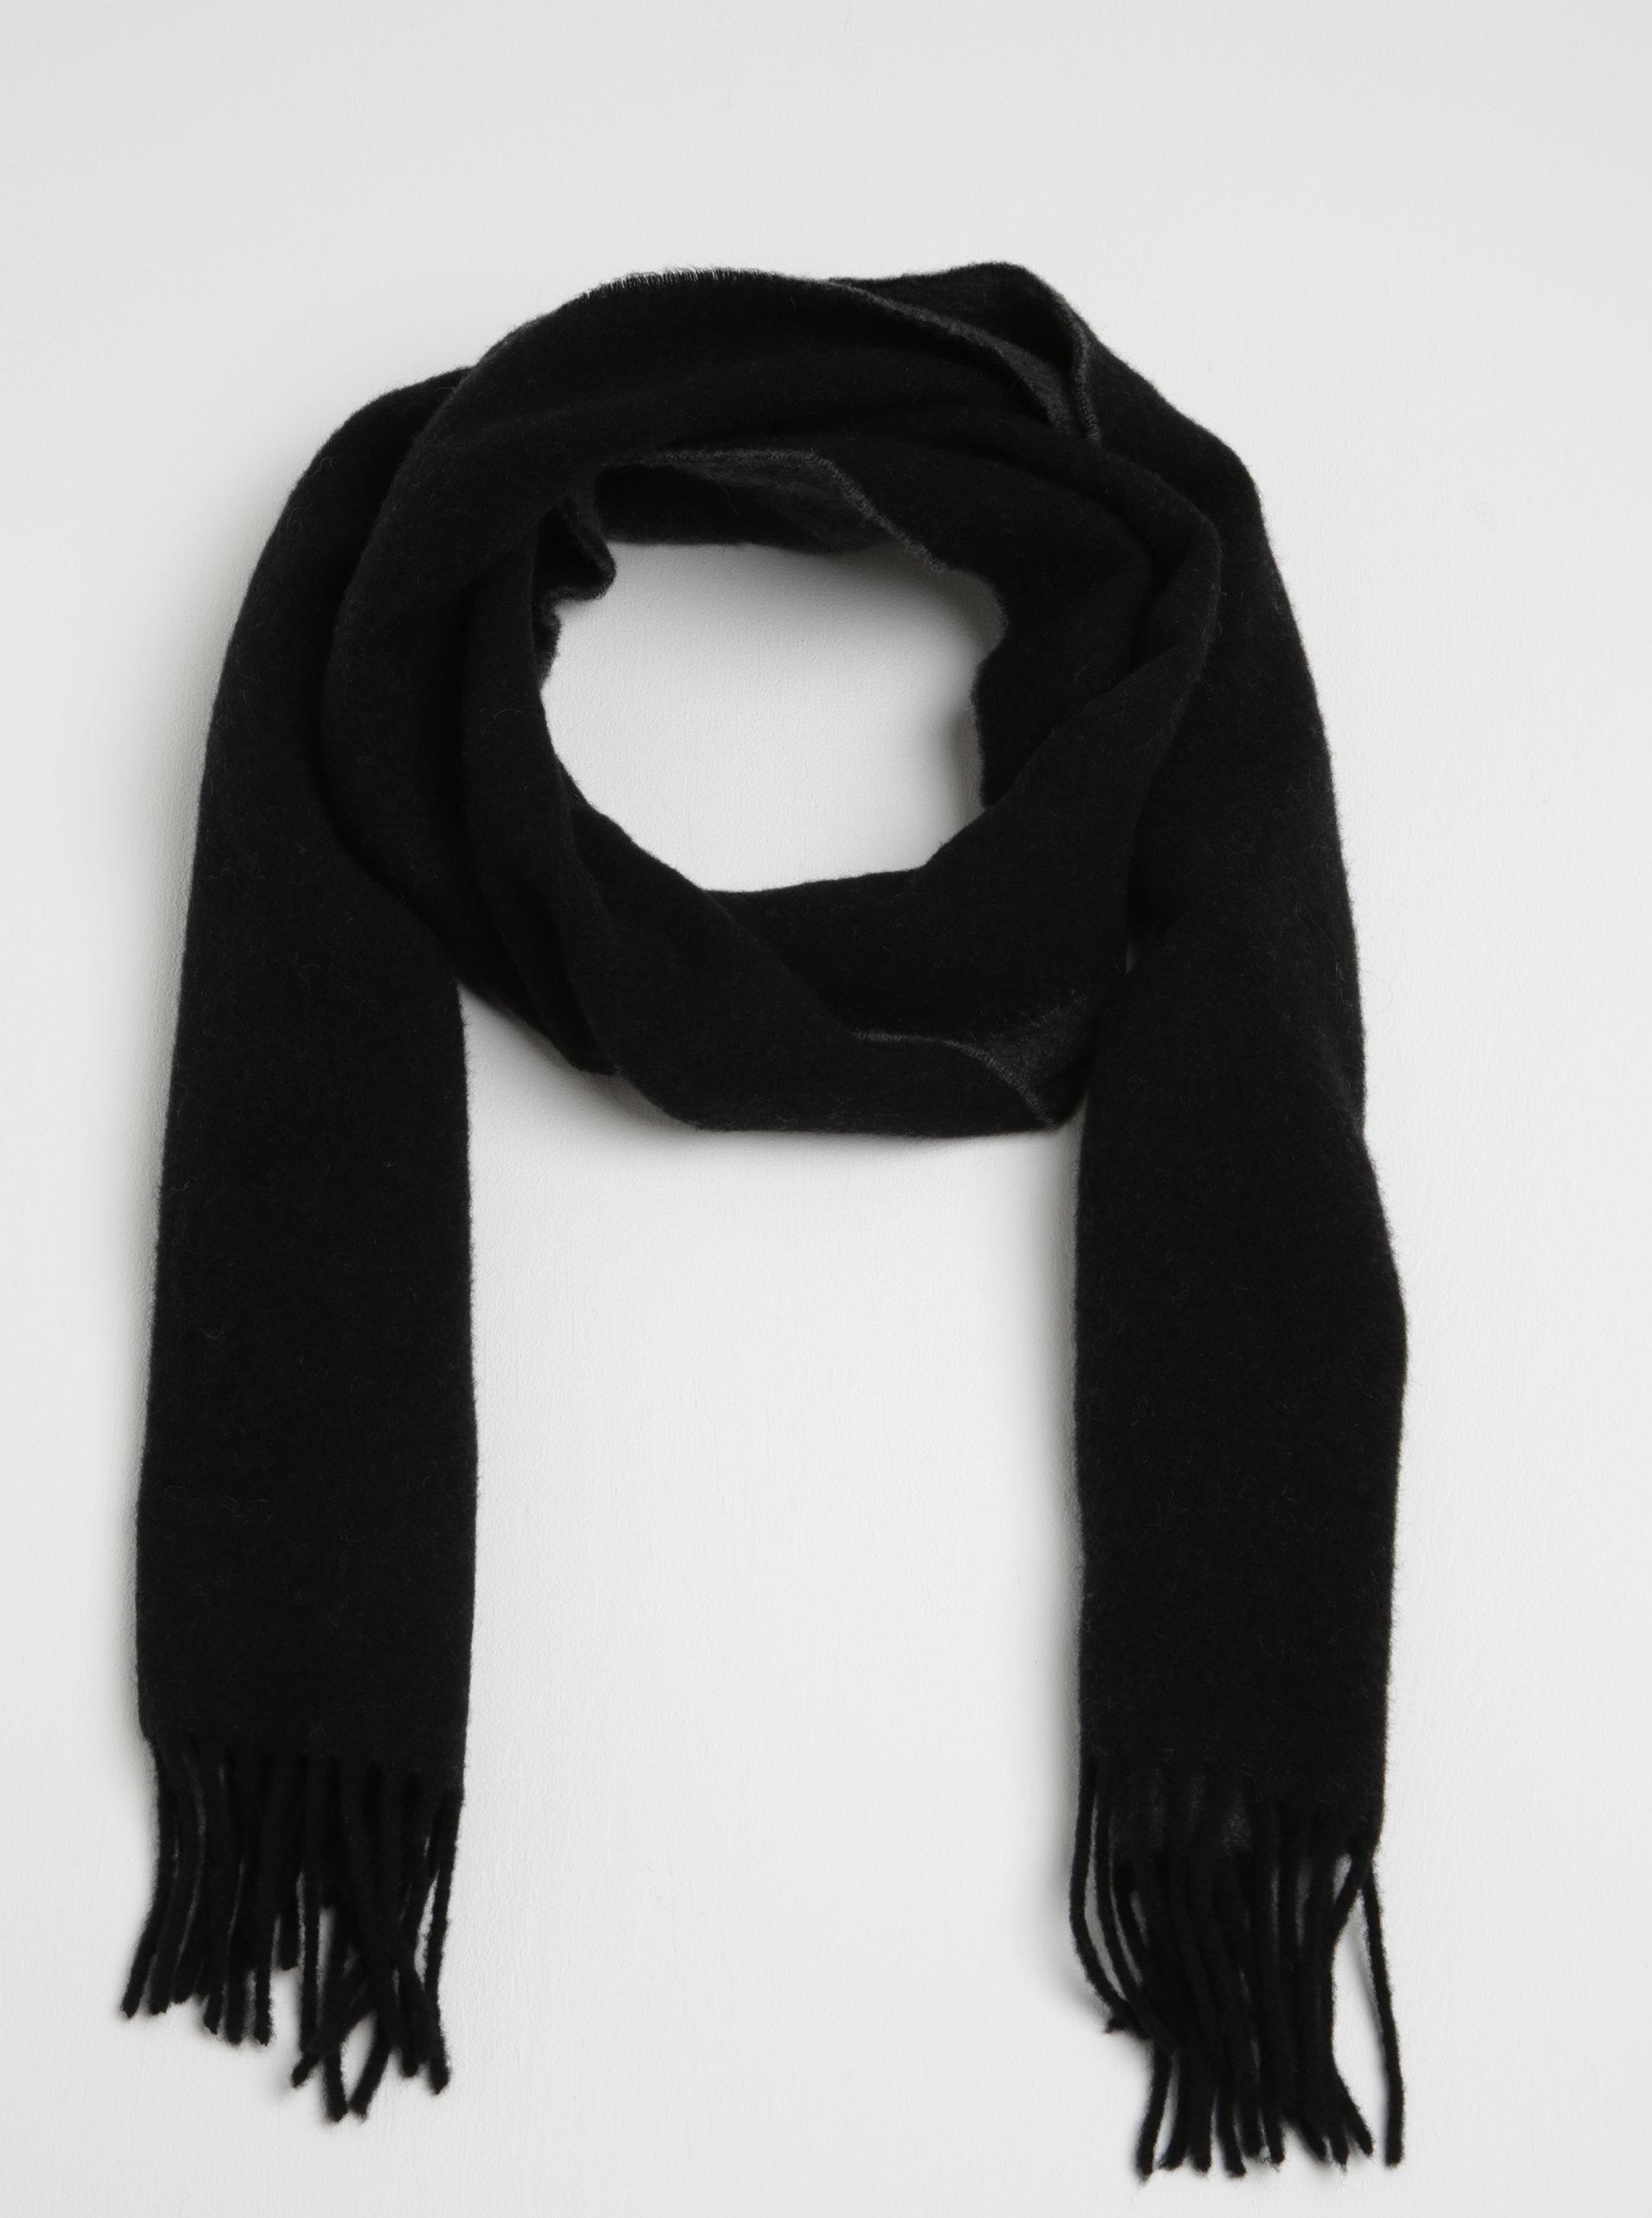 Šedo-černá dámská vlněná šála s třásněmi GANT ... 5e883294b1